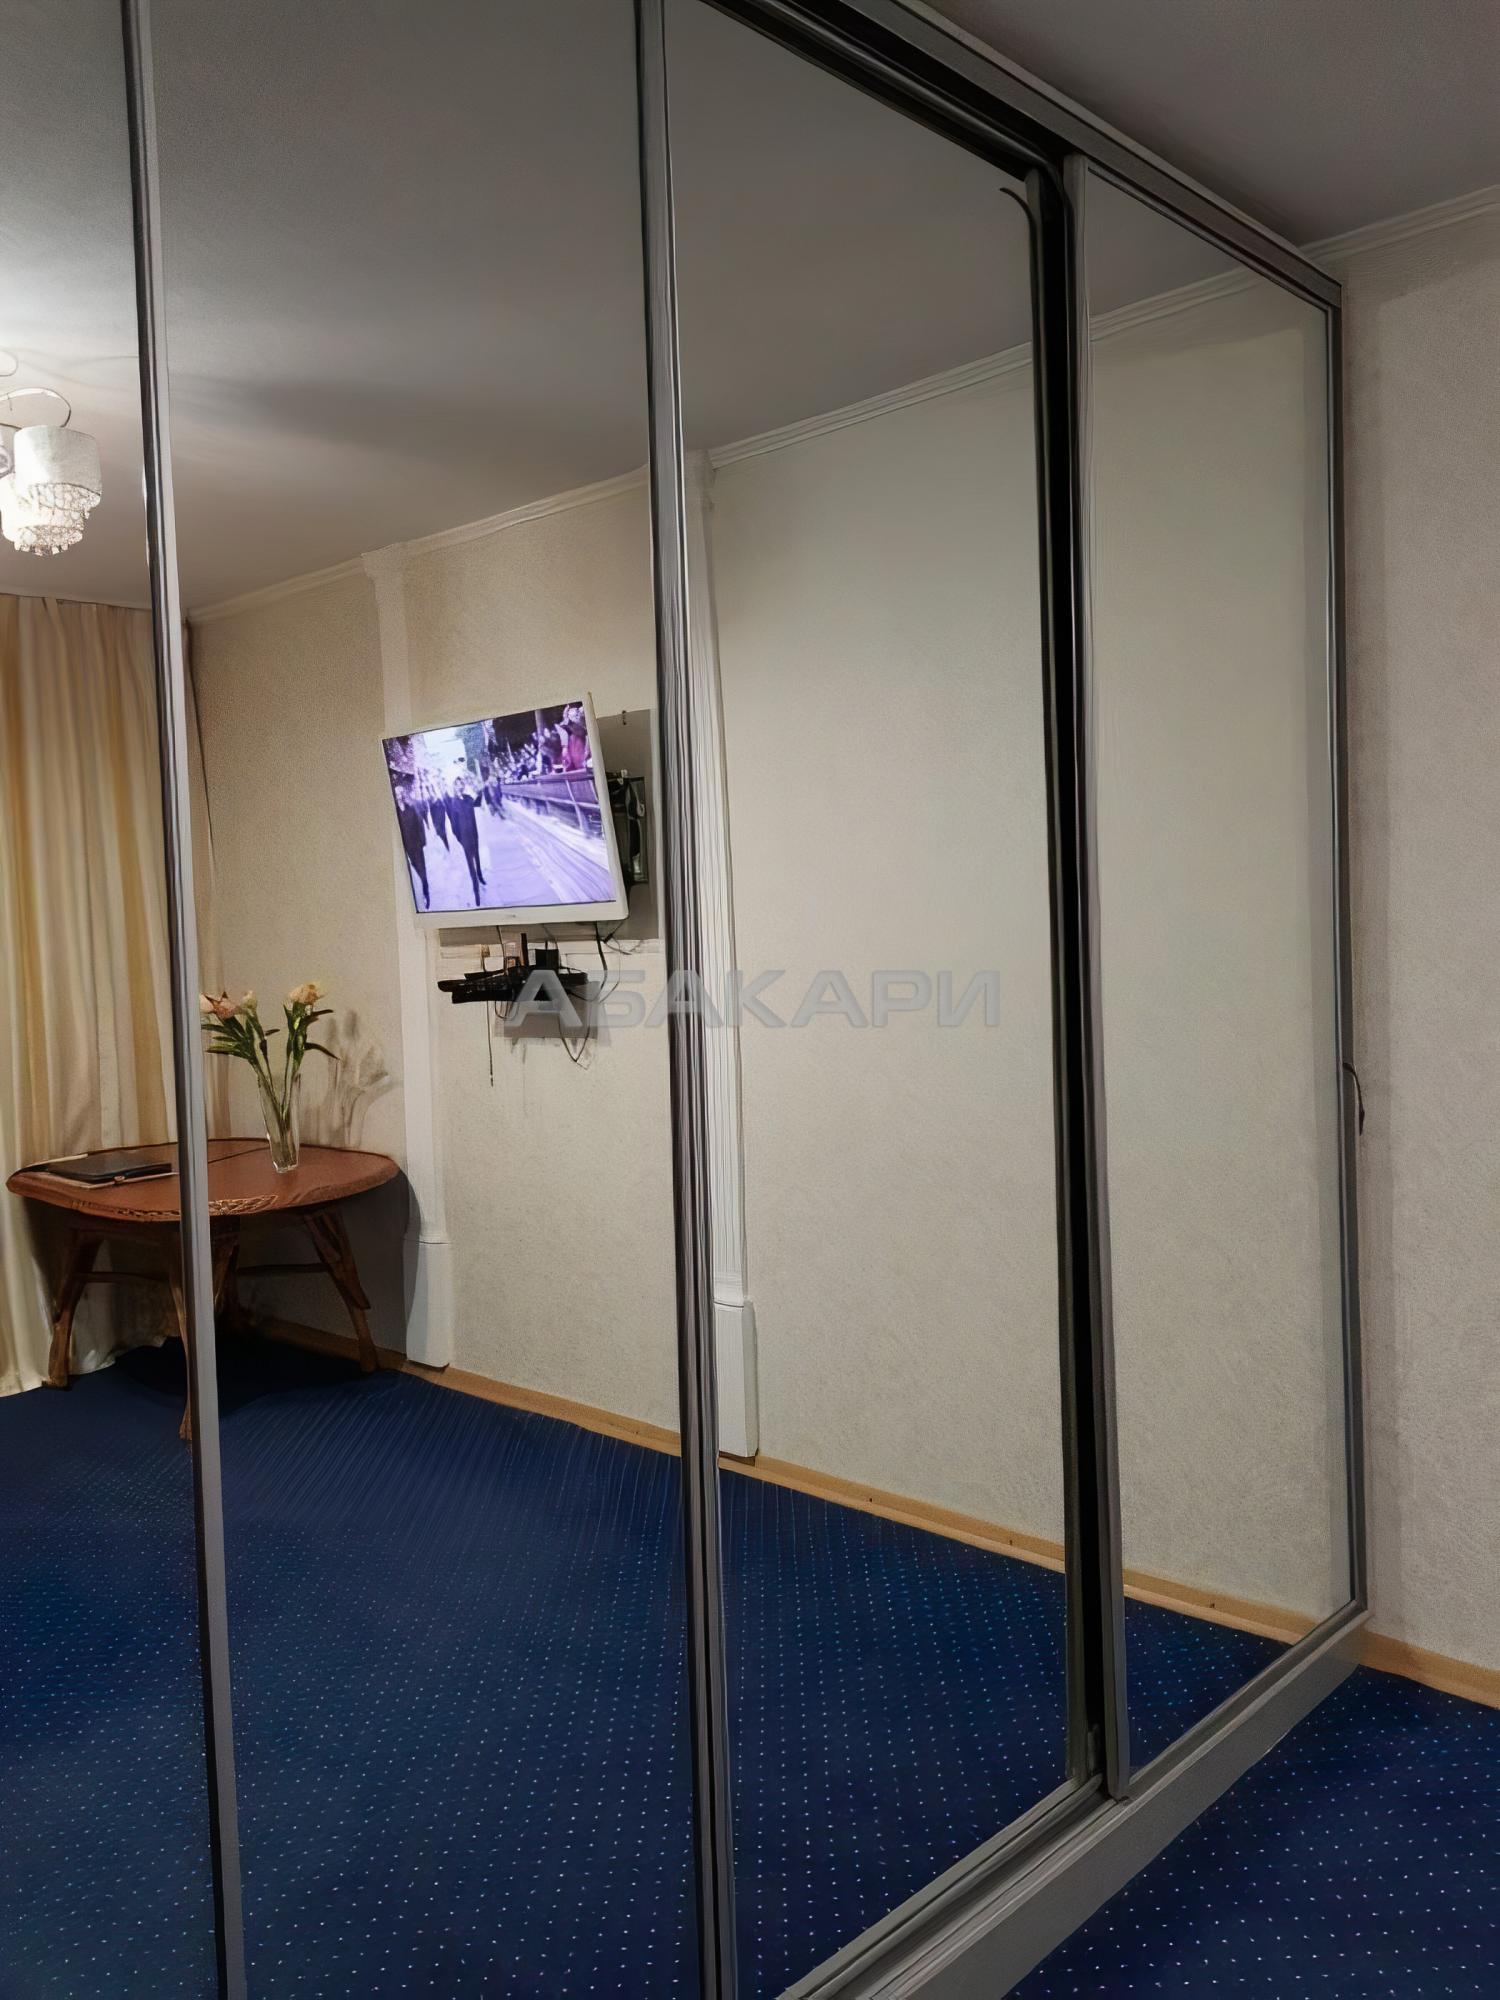 1к квартира улица Ладо Кецховели, 30 4/5 - 33кв | 14500 | аренда в Красноярске фото 3